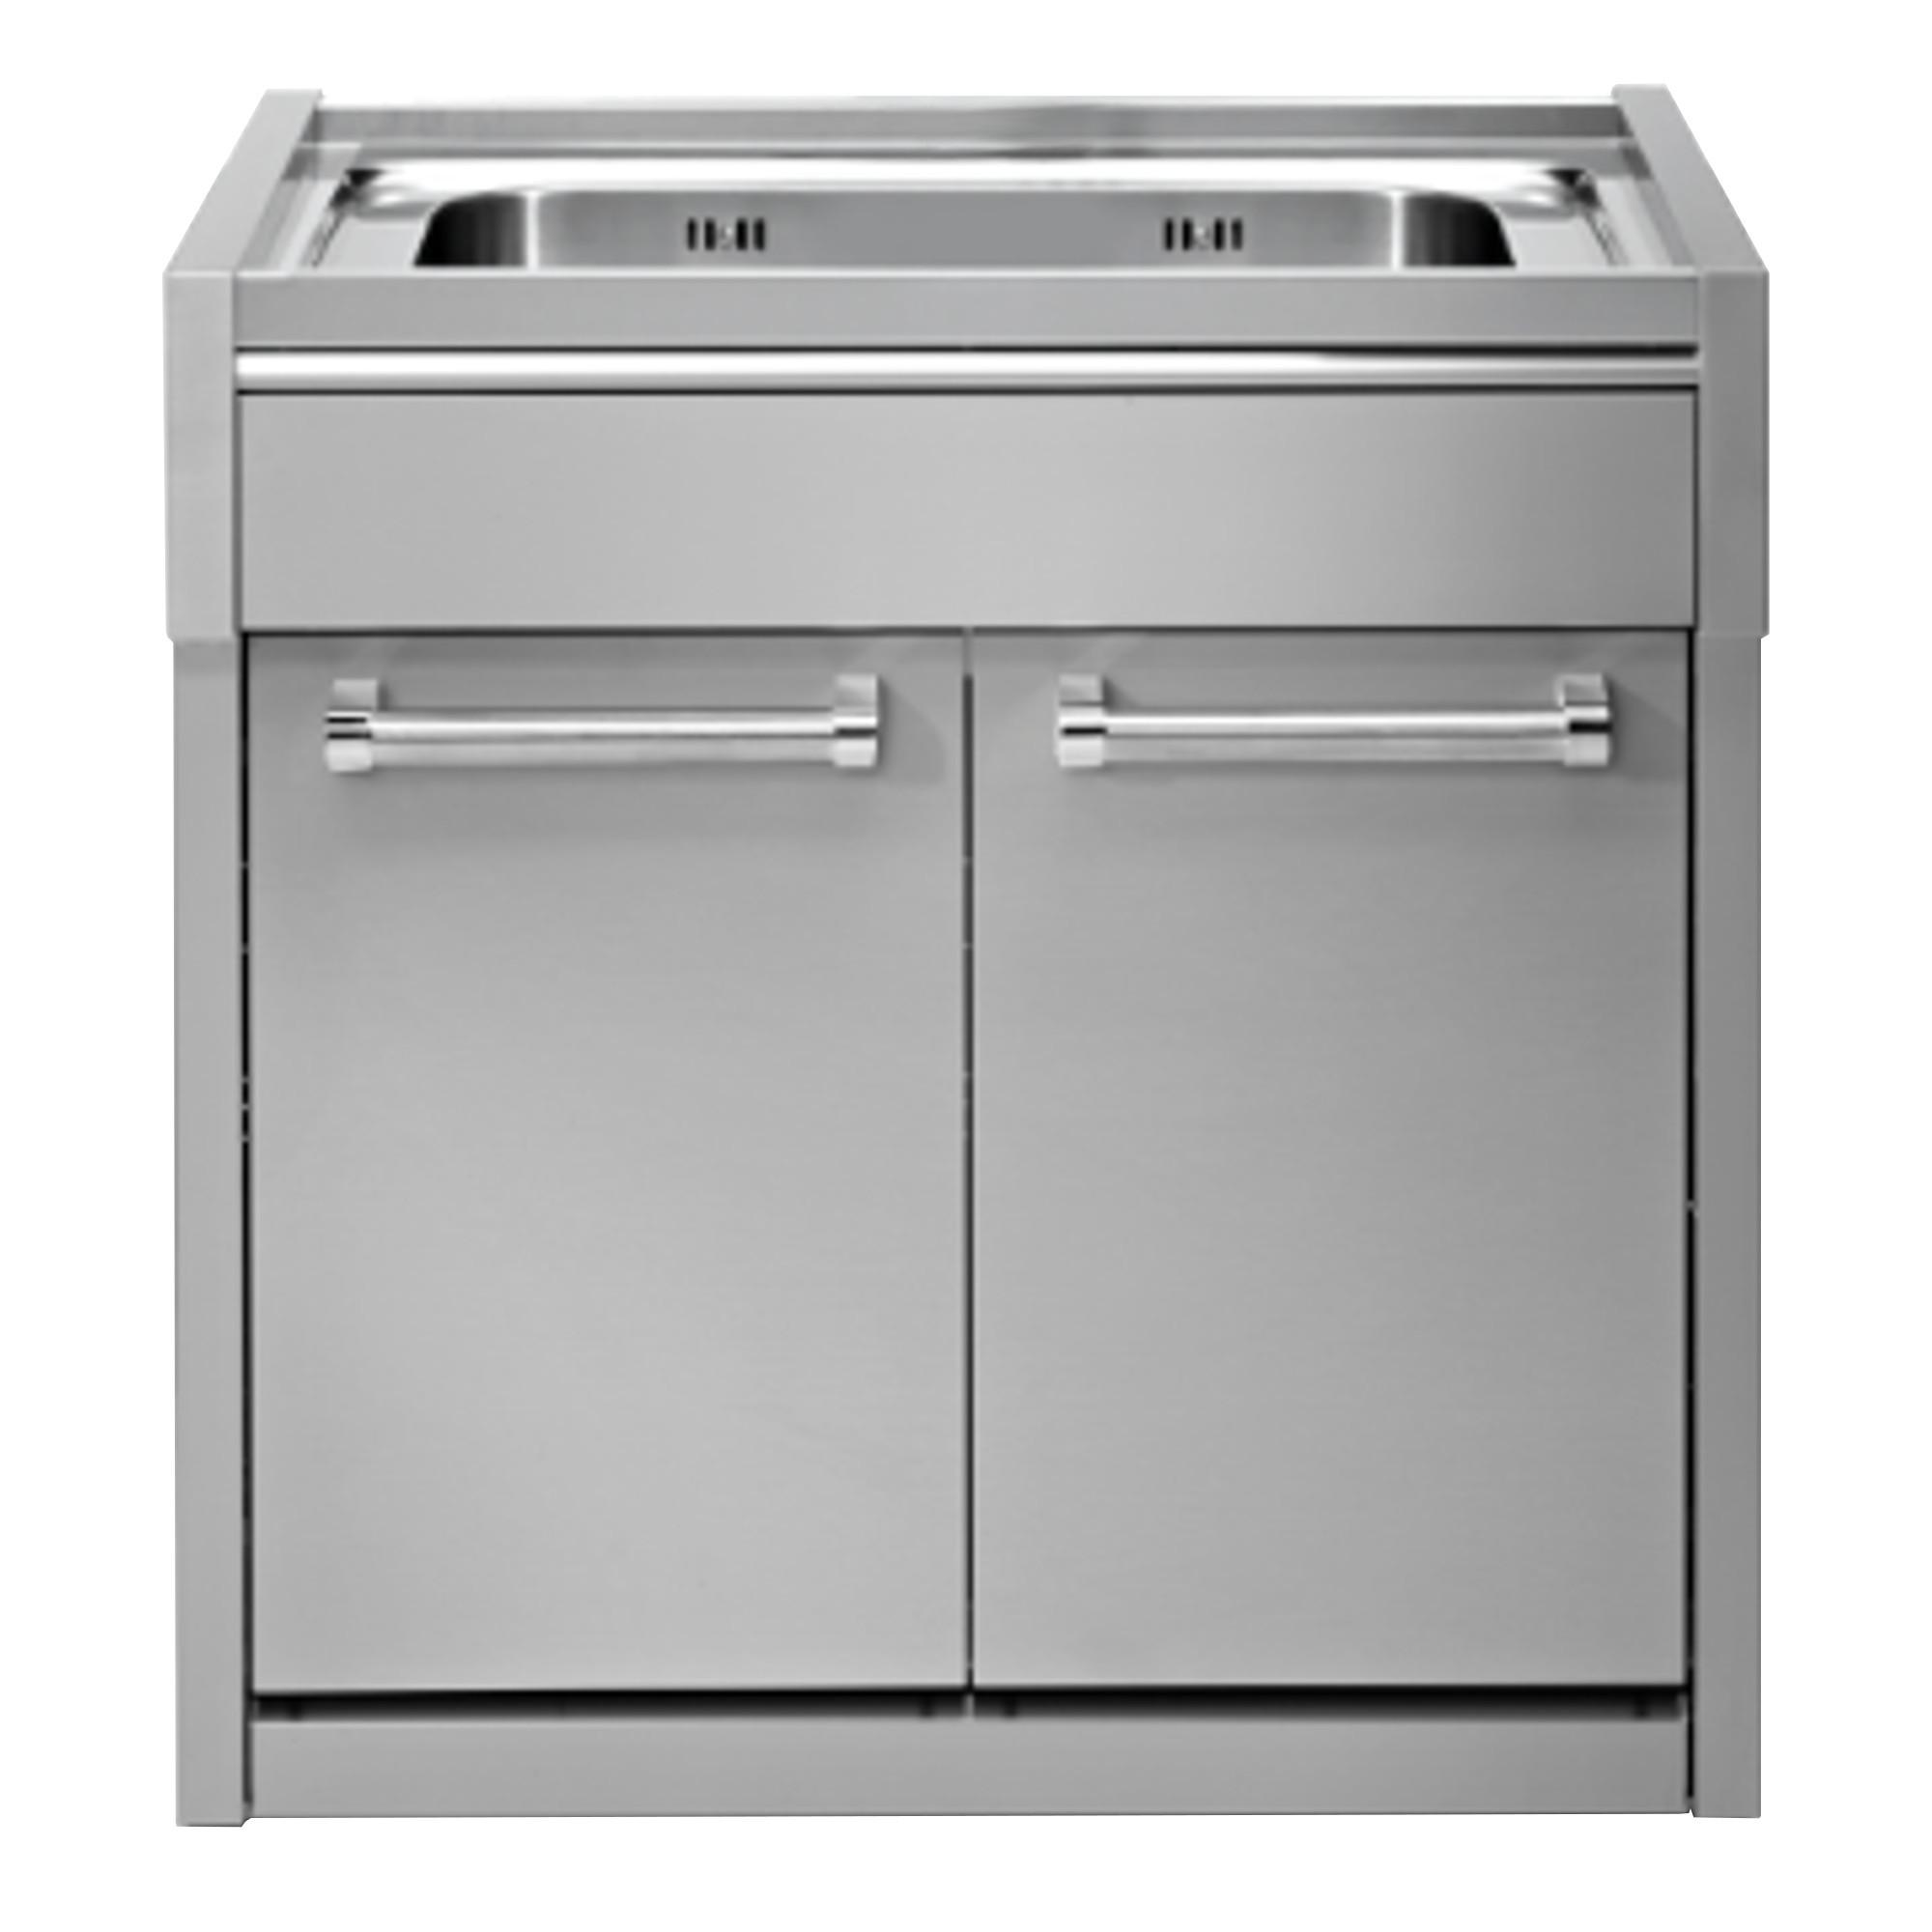 Acciaio Inox Per Acquaio.Lavello Steel Cucine Da Esterno Sistemi Di Cottura Steel Masonionline